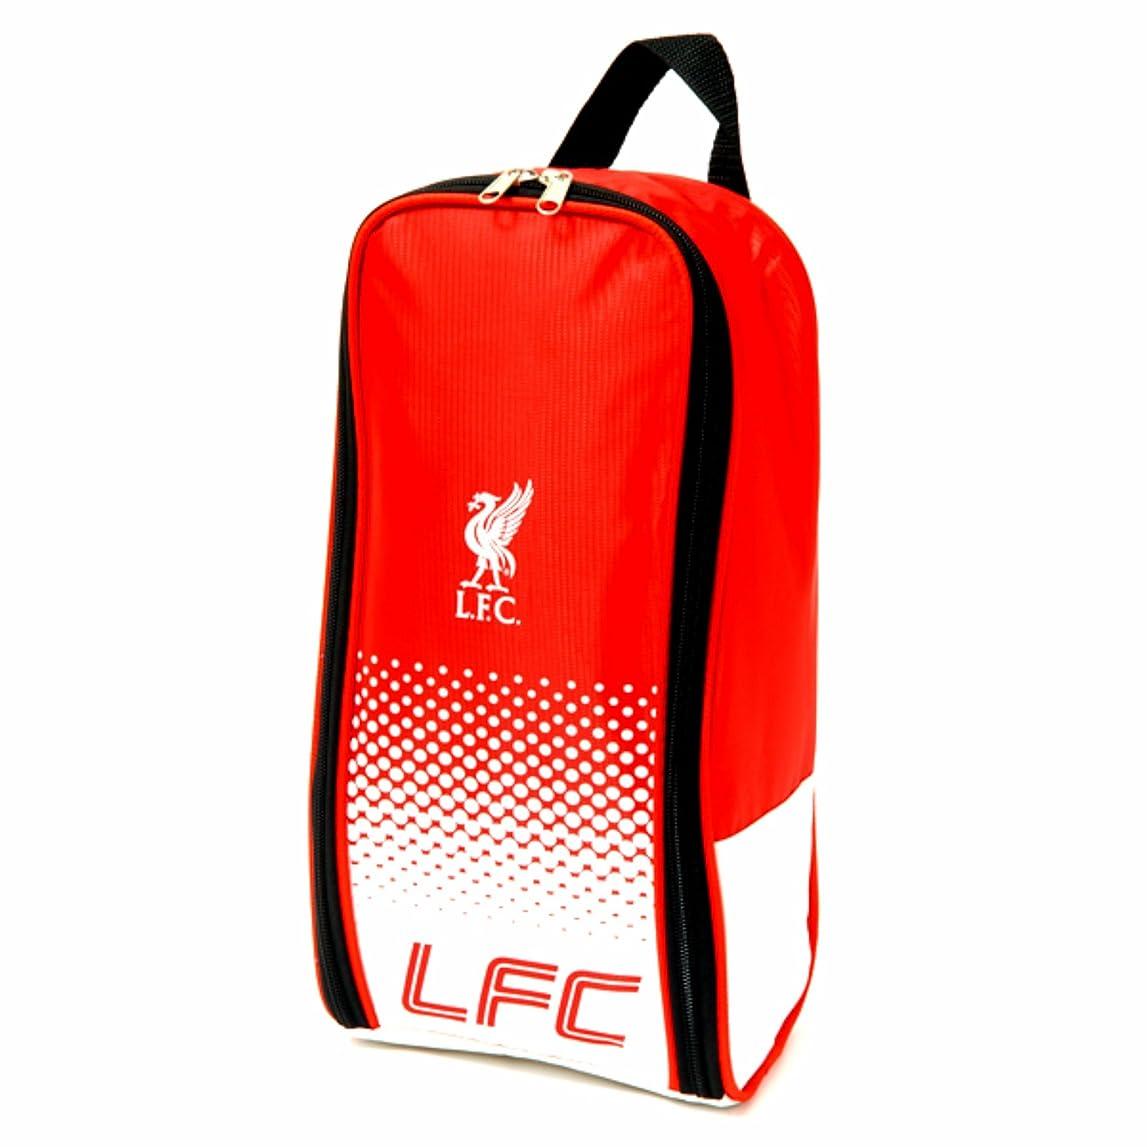 作動する日付付きホバートリバプール フットボールクラブ Liverpool FC オフィシャル商品 スパイクケース シューズバッグ